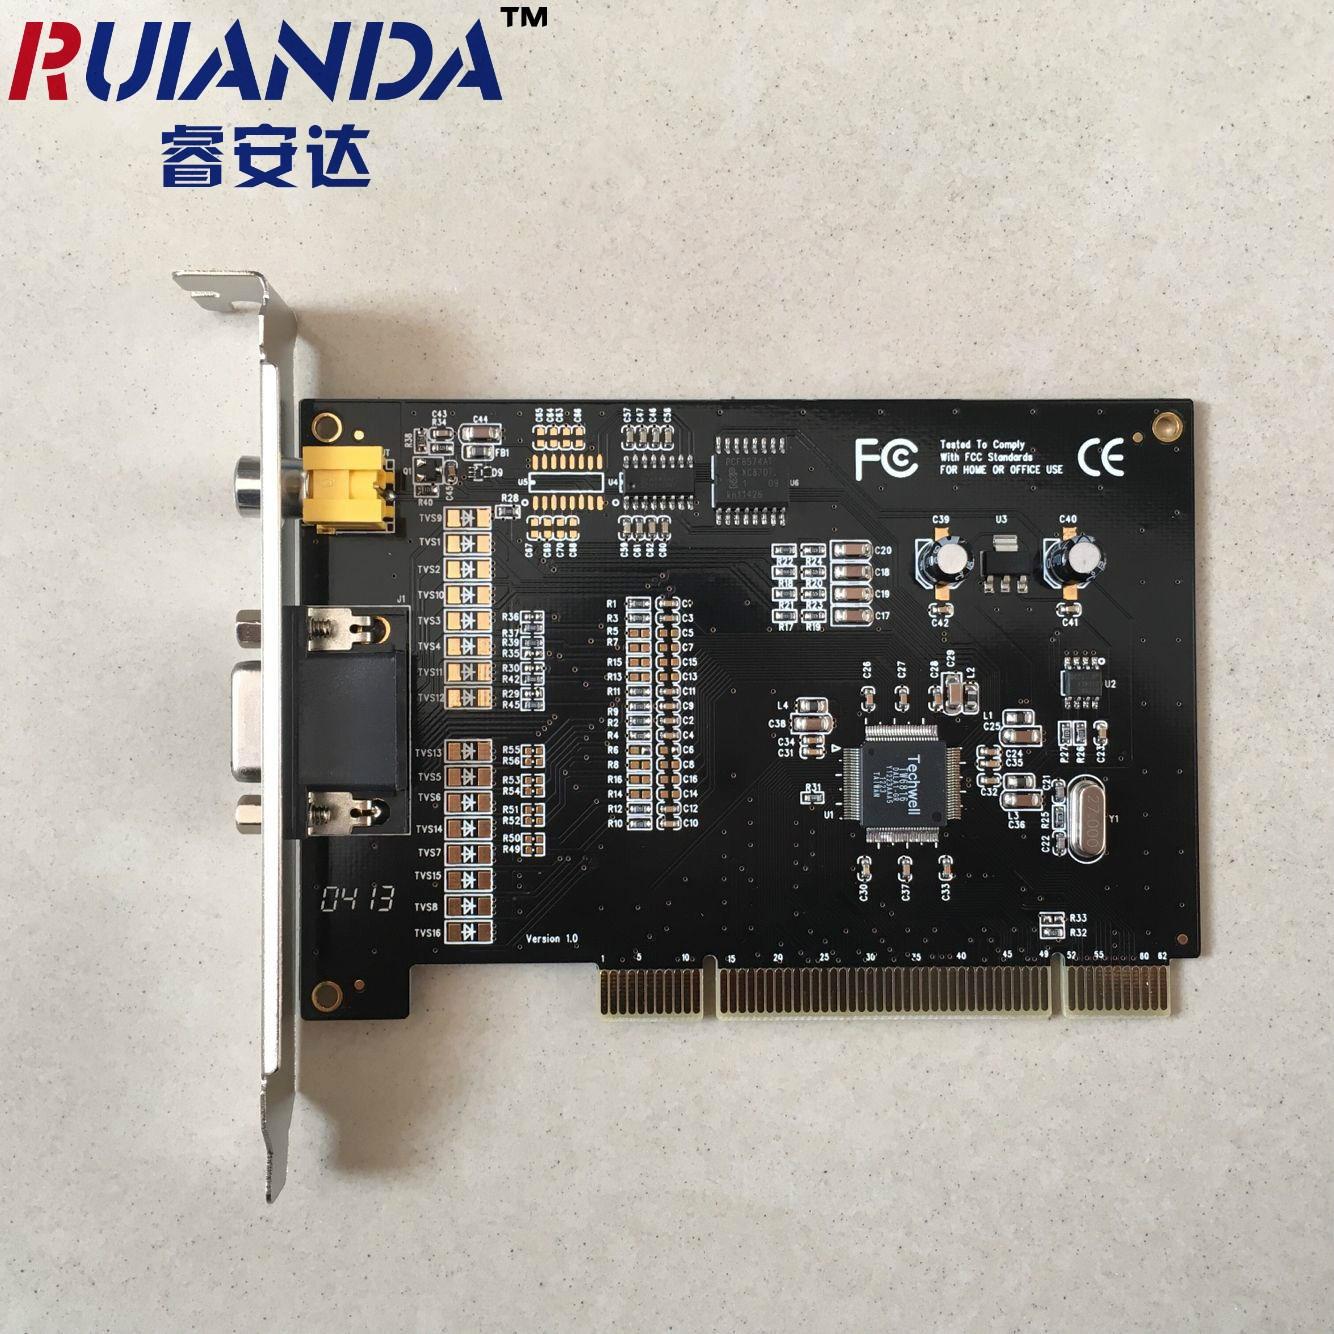 四路PCI 4路视频采集卡4路视频4路音频 高清监控卡支持WIN7